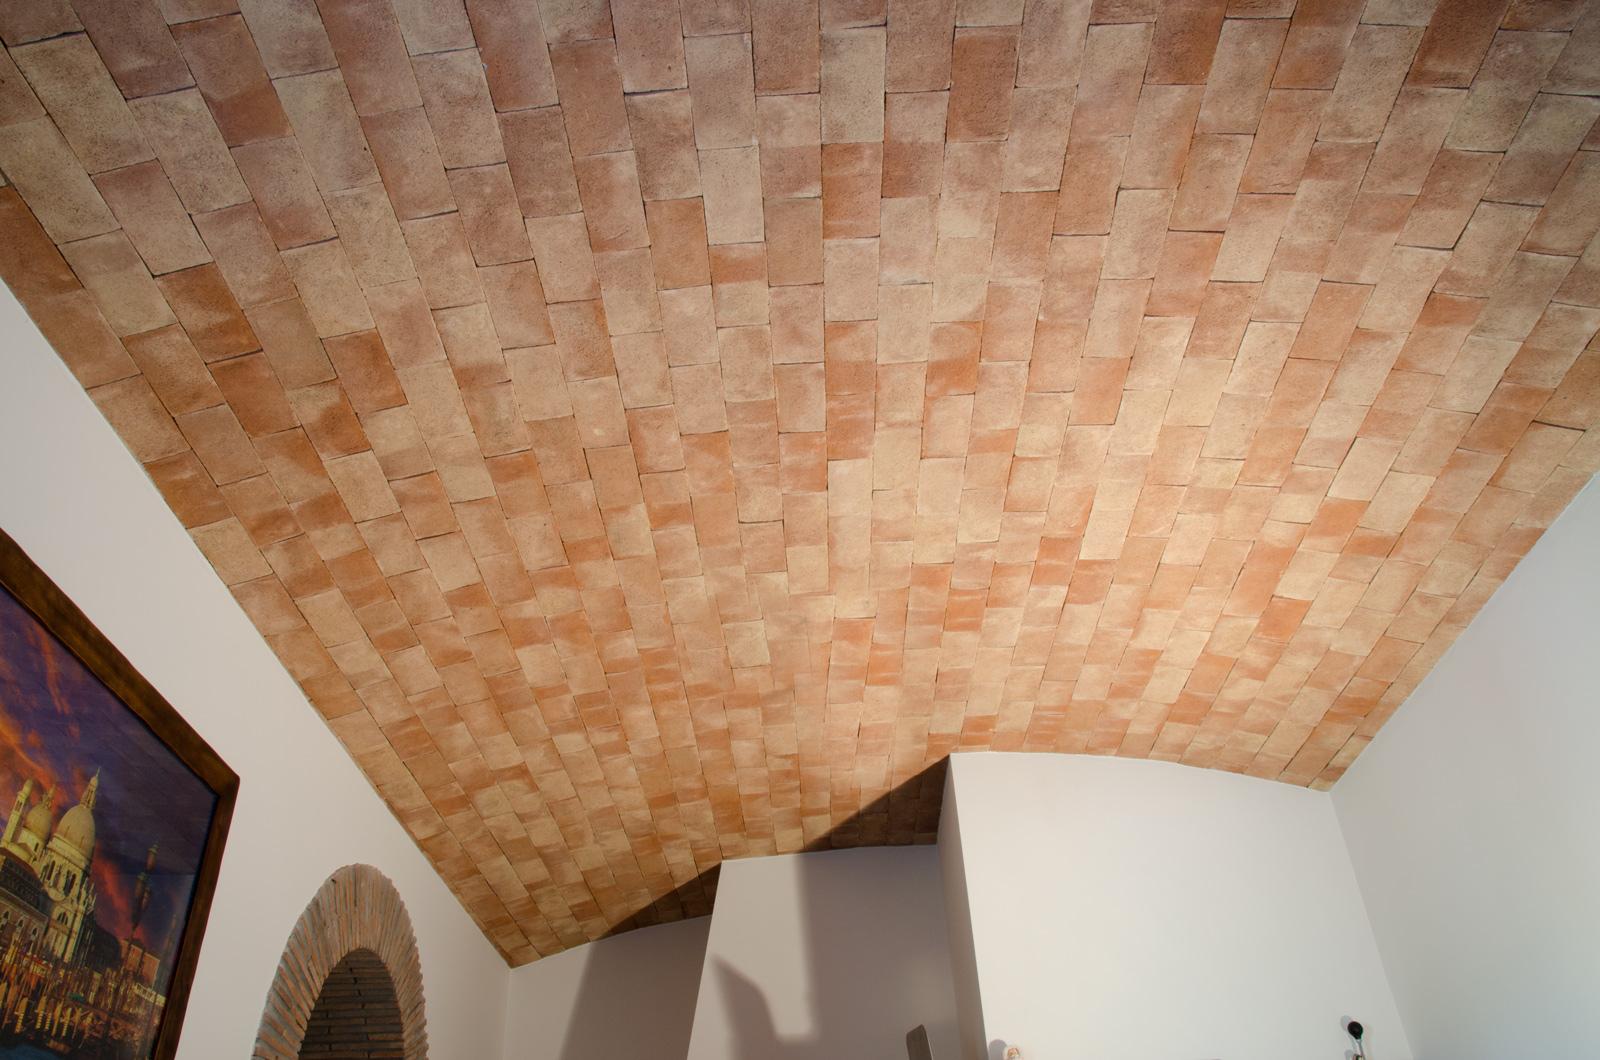 La stanza di disegno con volta a botte del soffitto in gesso